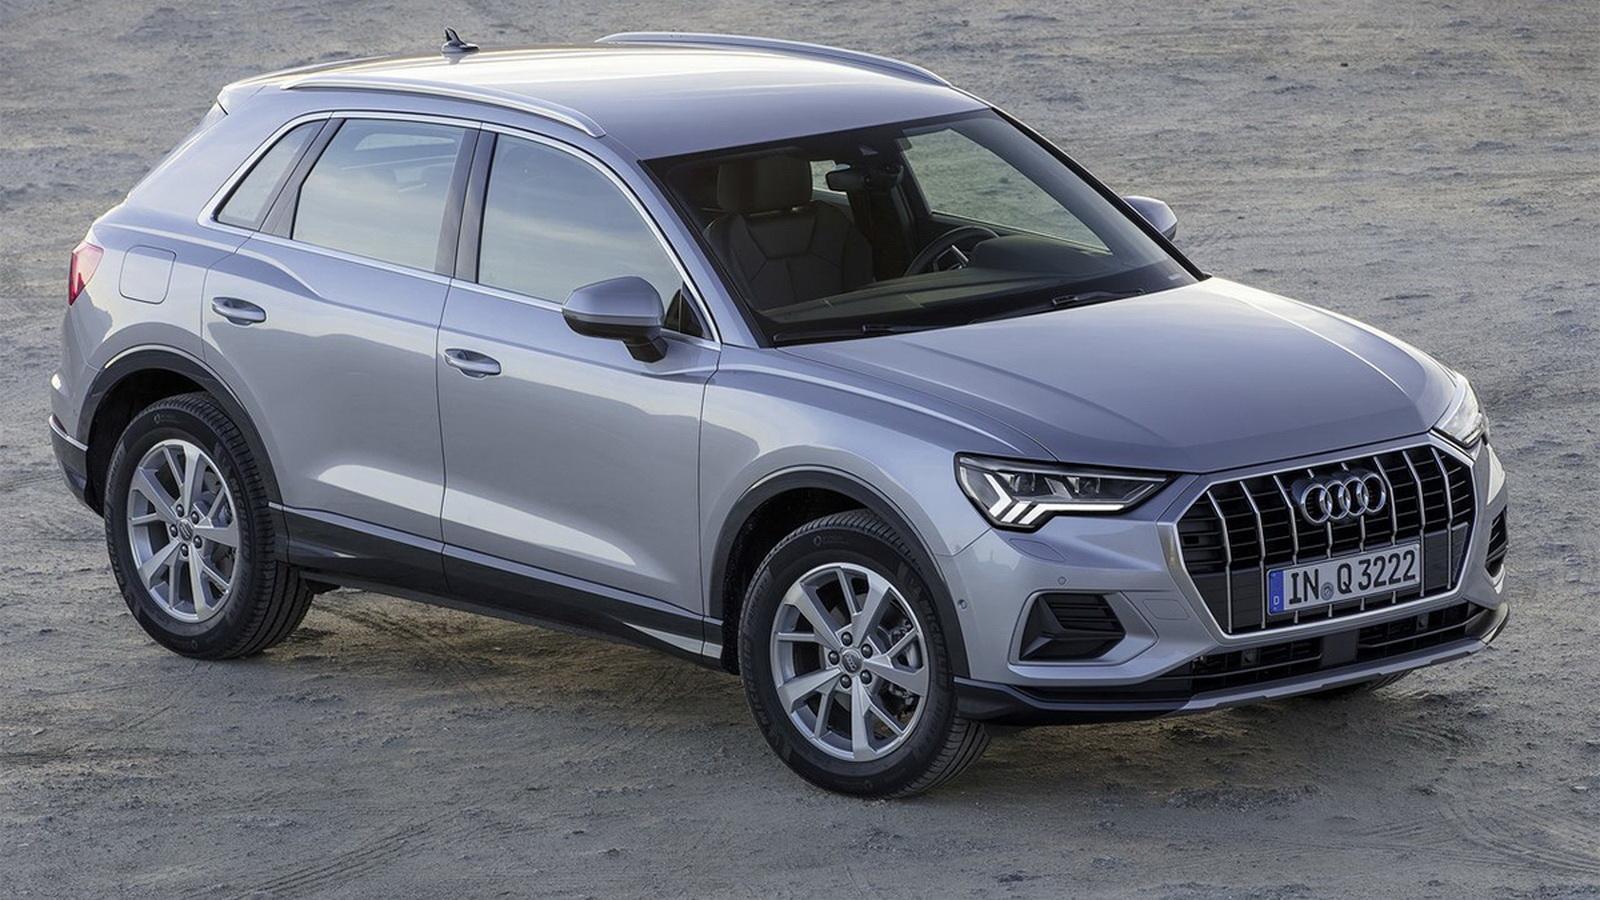 圖/2020 Audi Q3 35 TFSI大改款承襲全新世代Audi家族設計語彙,整體散發出格外鮮明的運動化跑格。